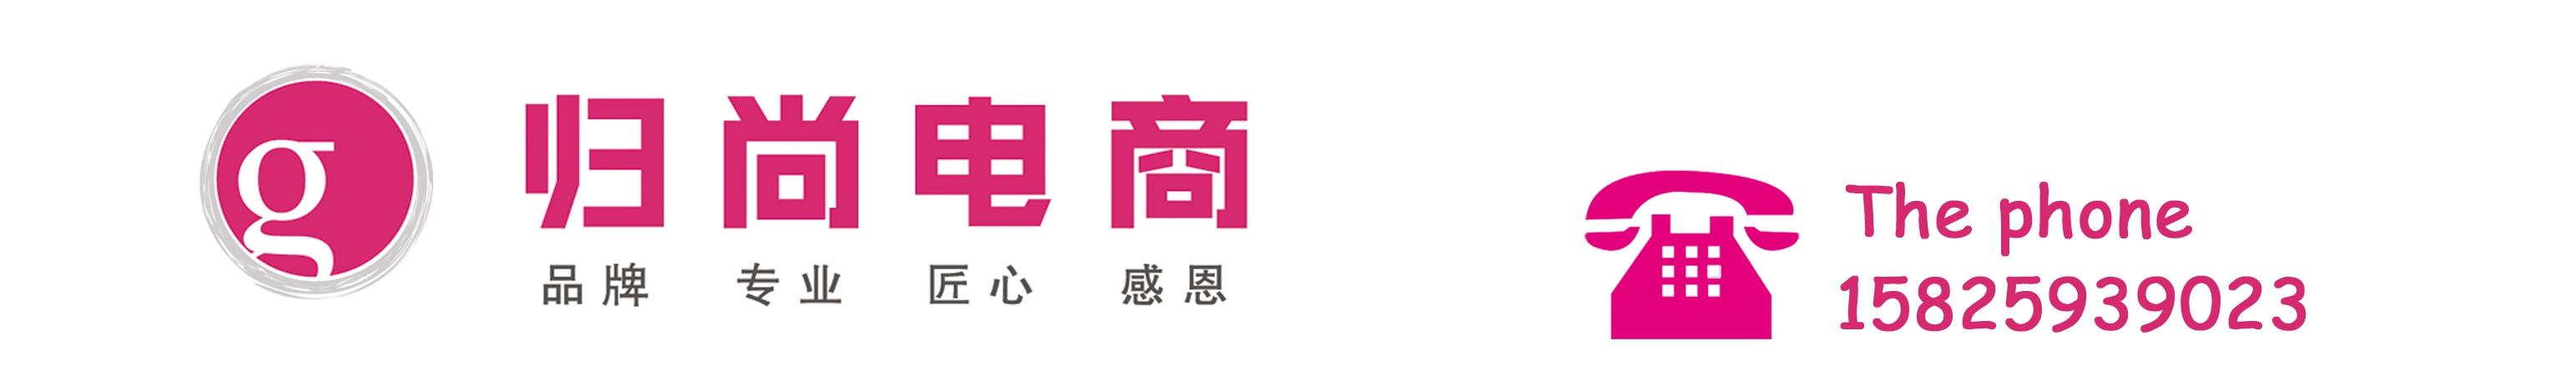 重庆归尚电子商务有限公司-公司主页-荣昌找工作